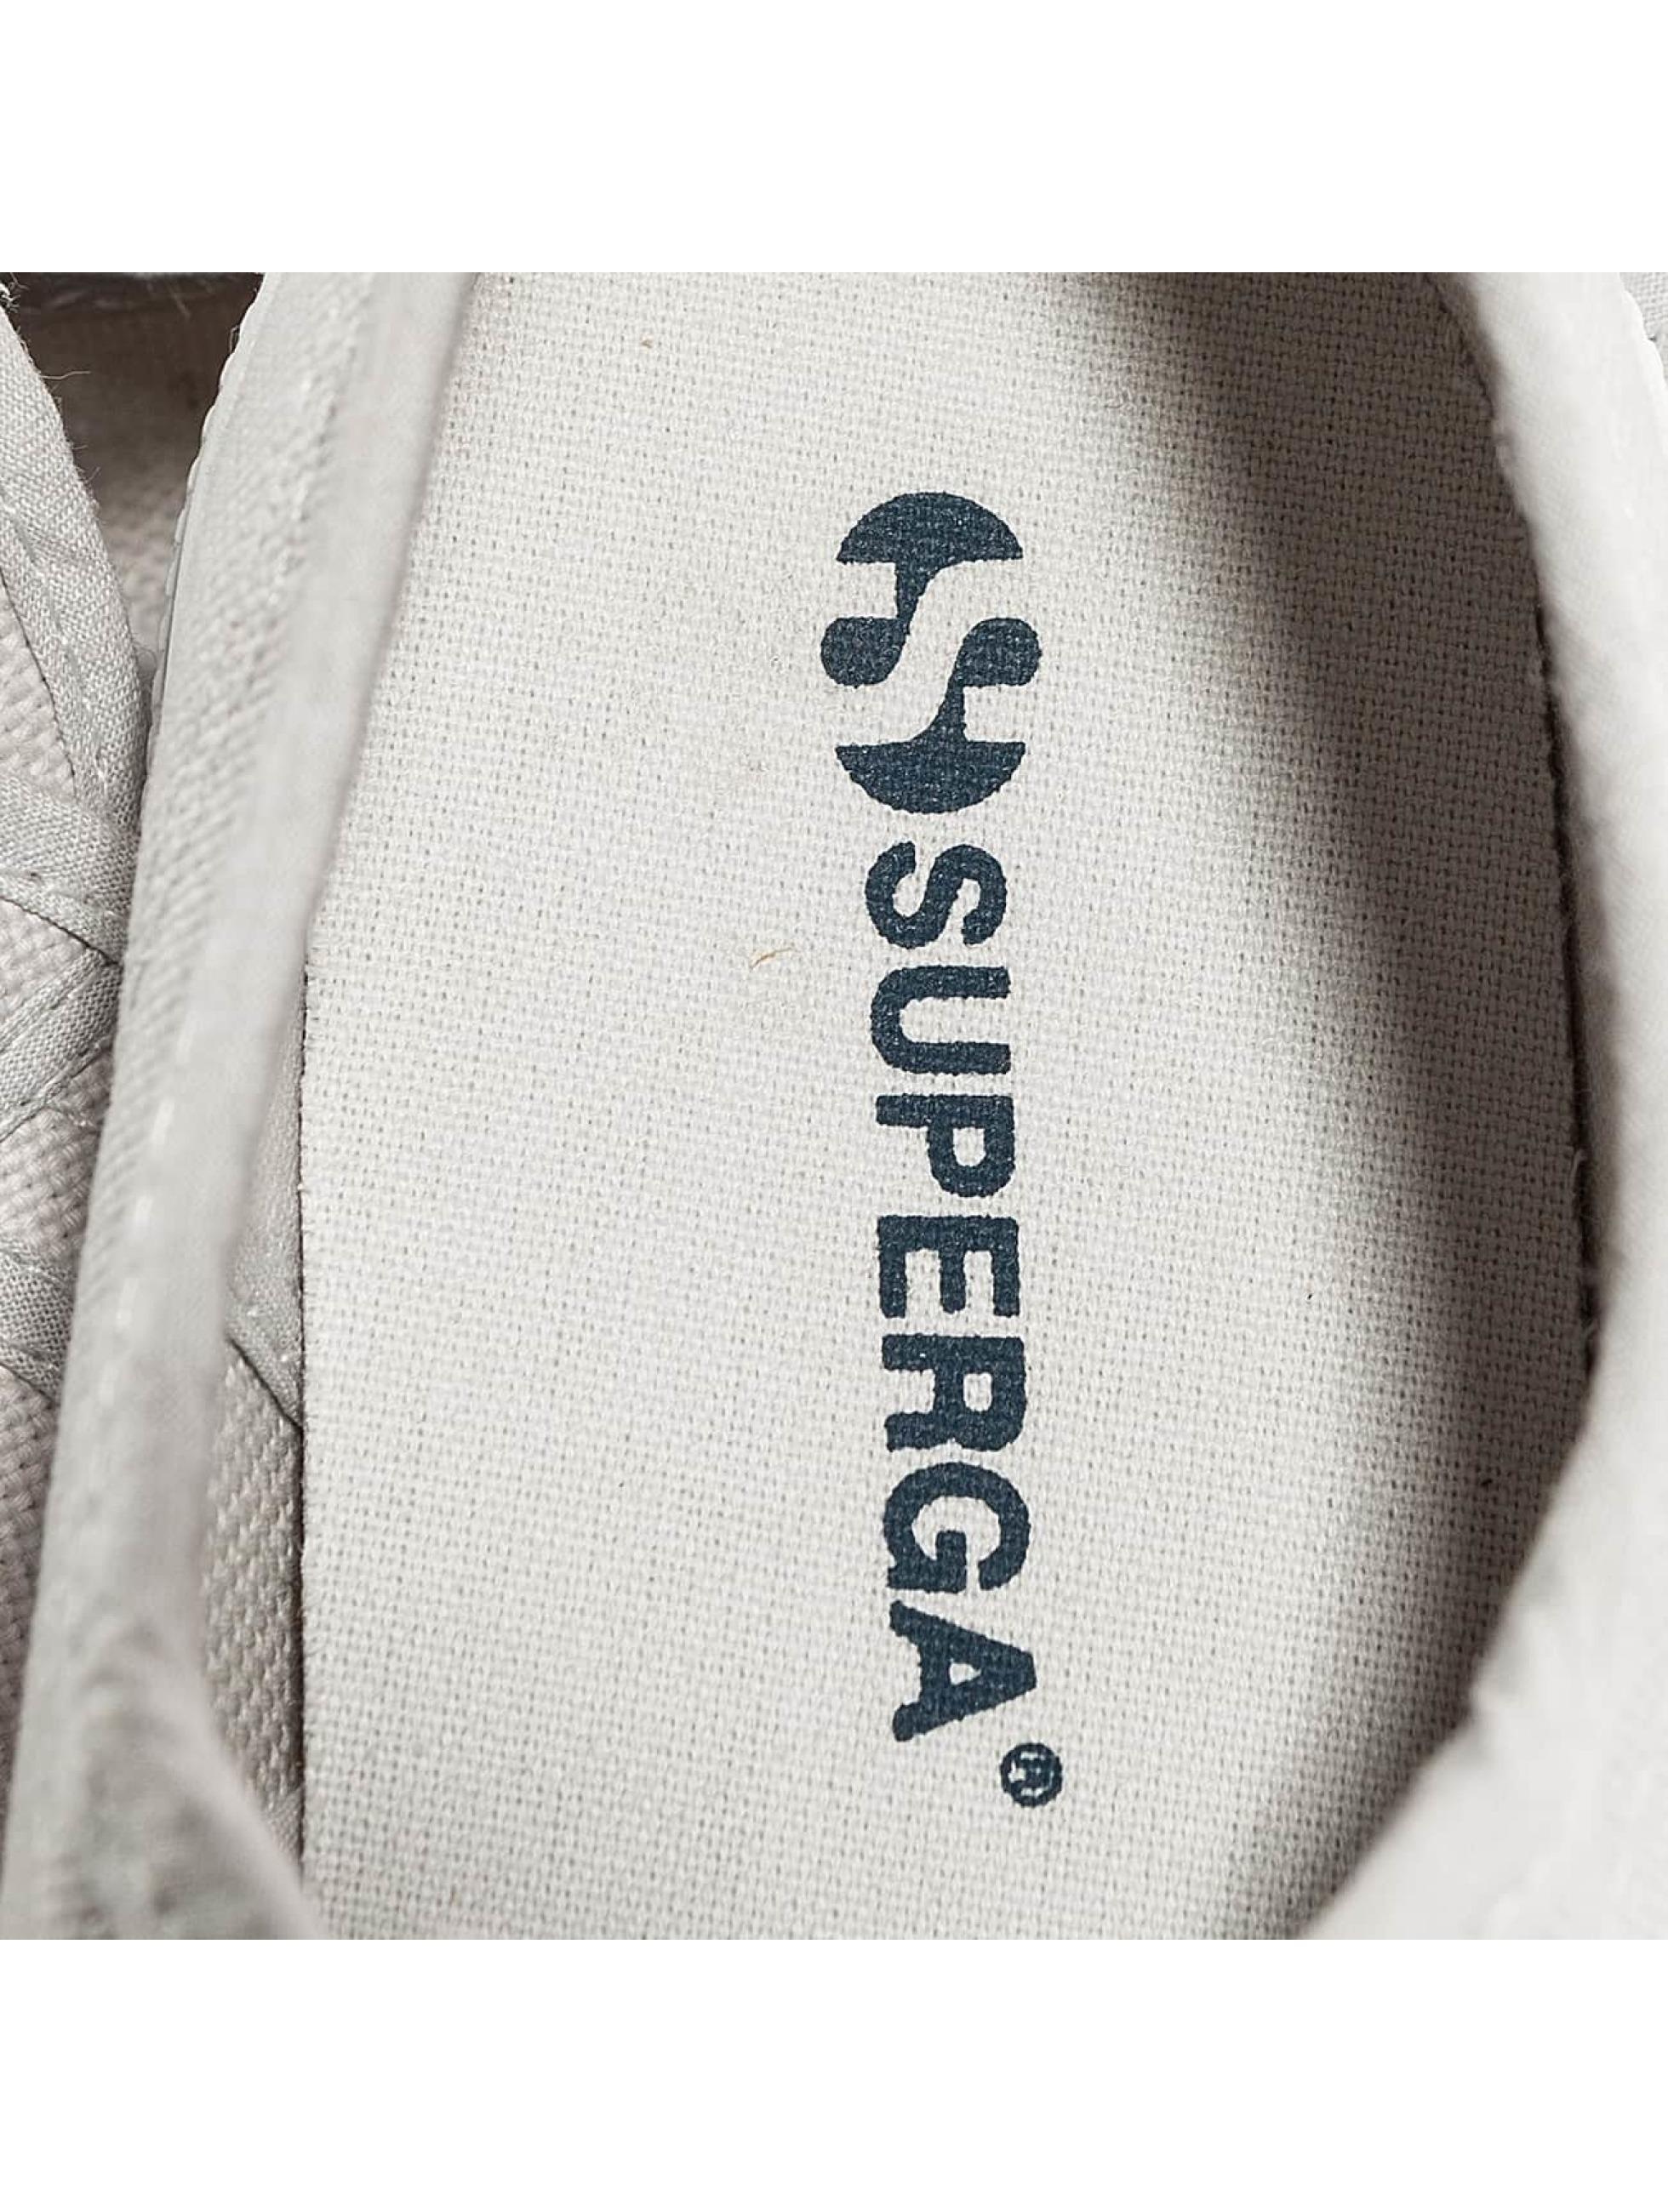 Superga Zapatillas de deporte 2750 Cotu gris